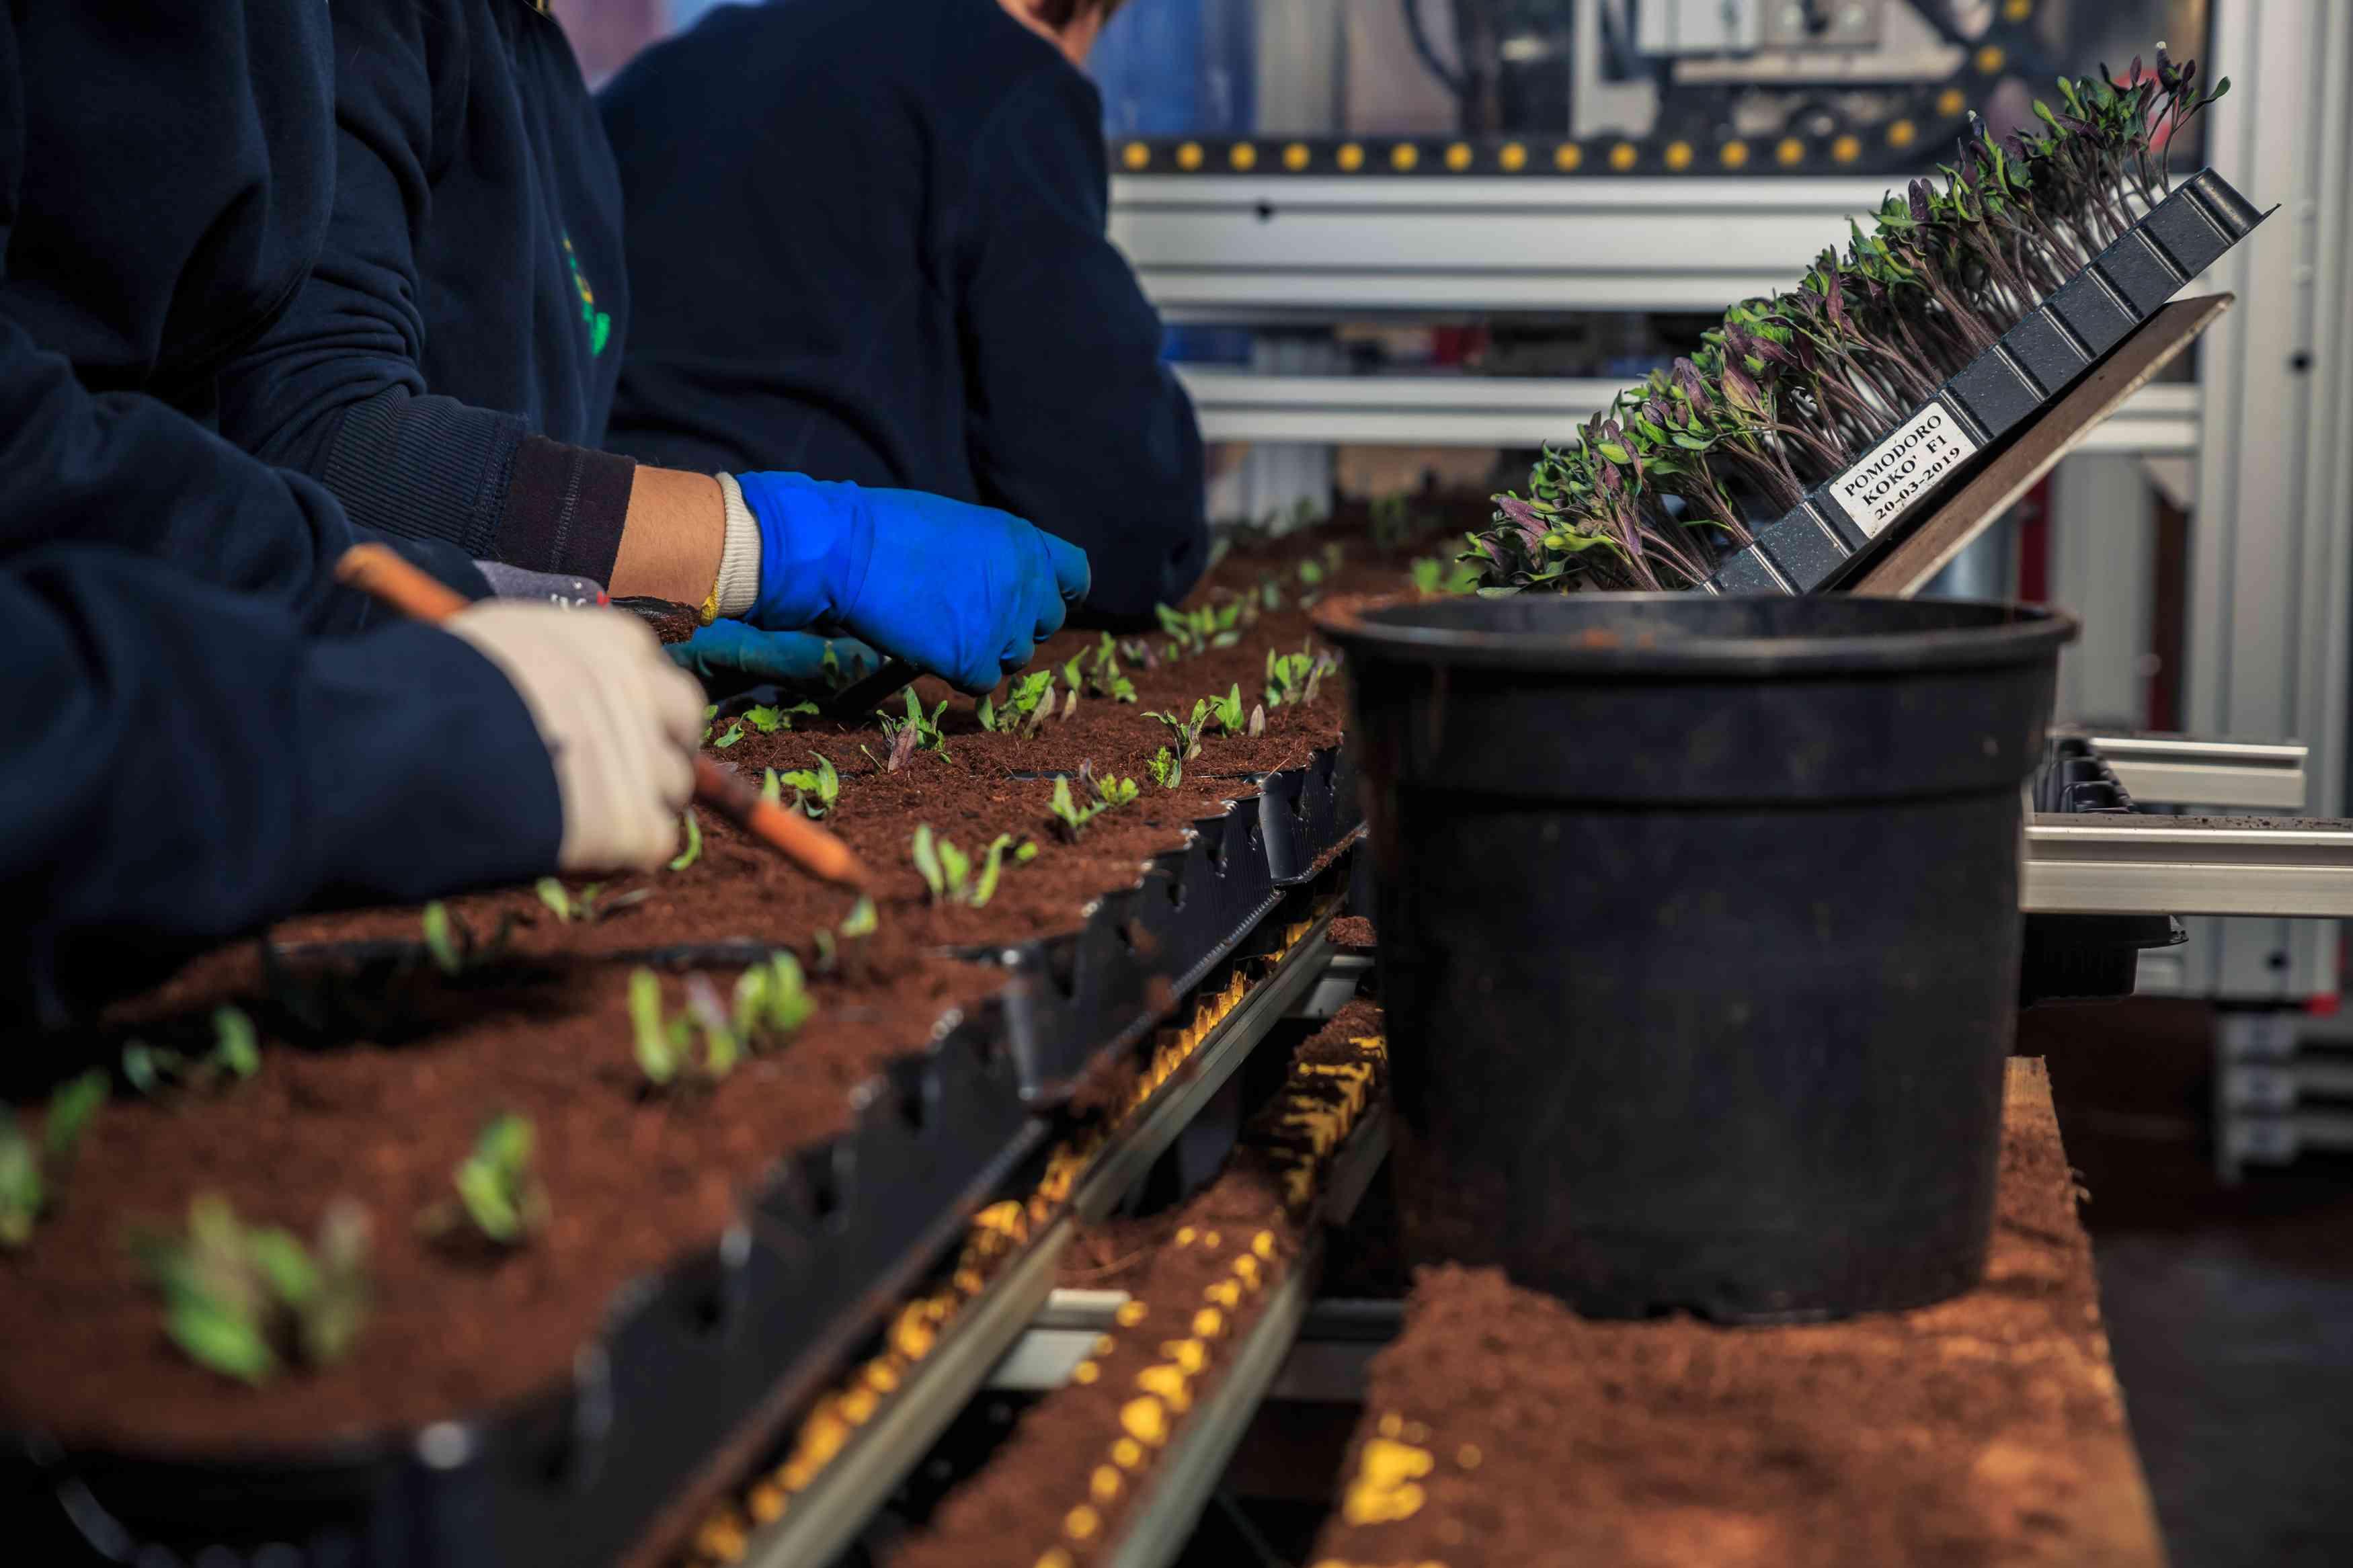 Azienda Agricola COSTANZO SAVIO E DORIANO - cella di germinazione